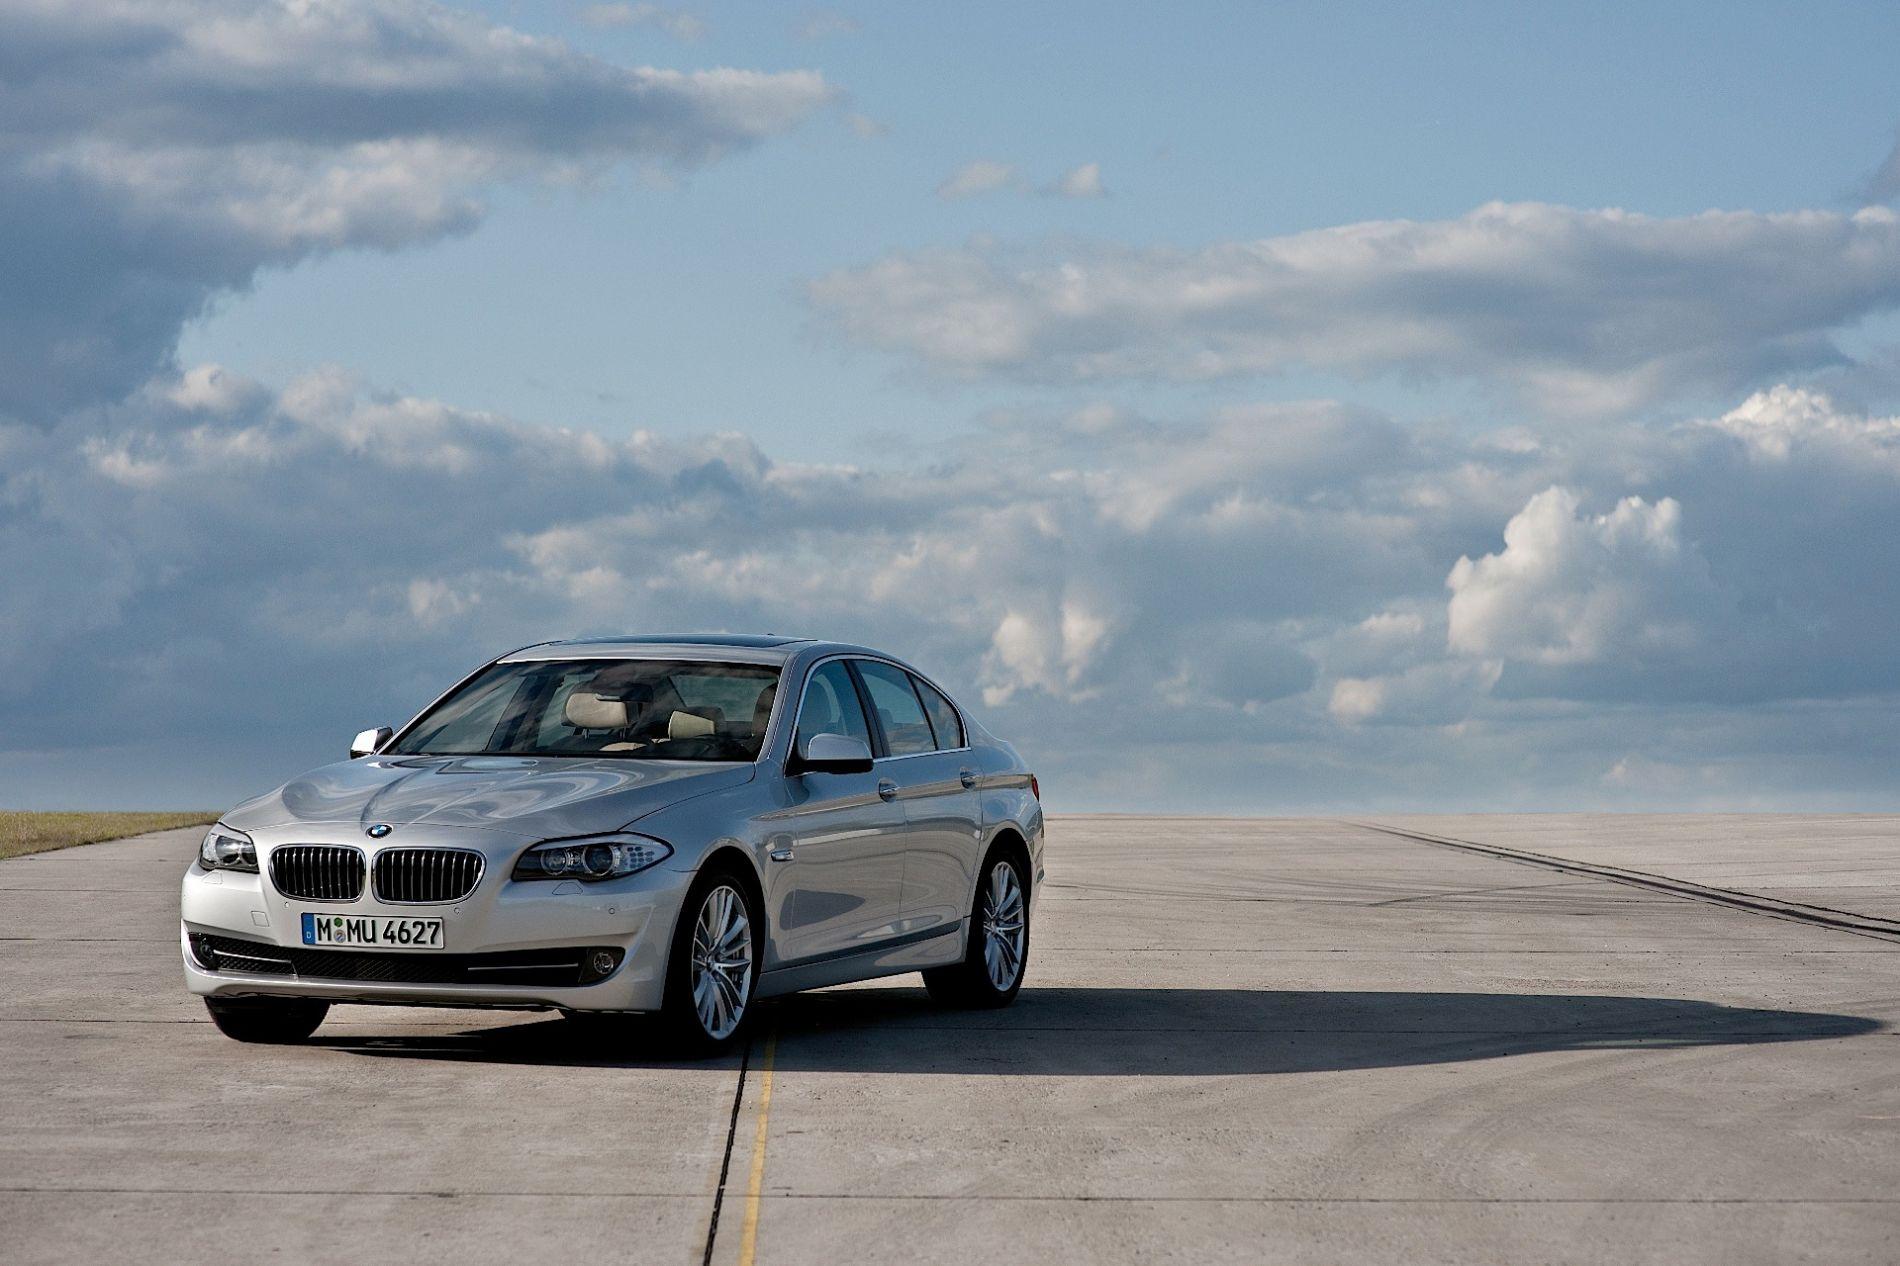 2010-17 წლის BMW F10 550i-ის გავრცელებული პრობლემები